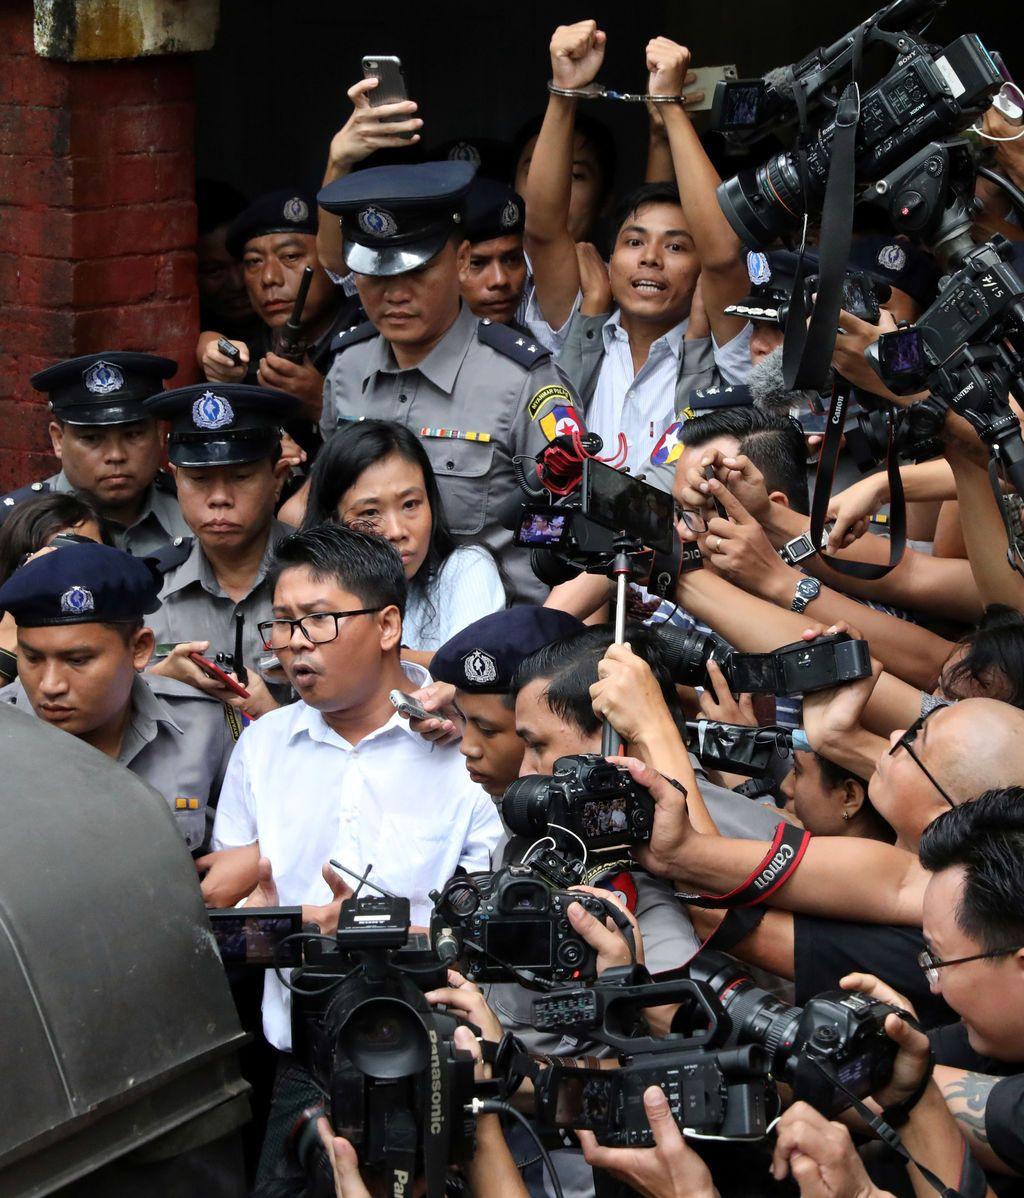 Siete años de cárcel para los periodistas detenidos